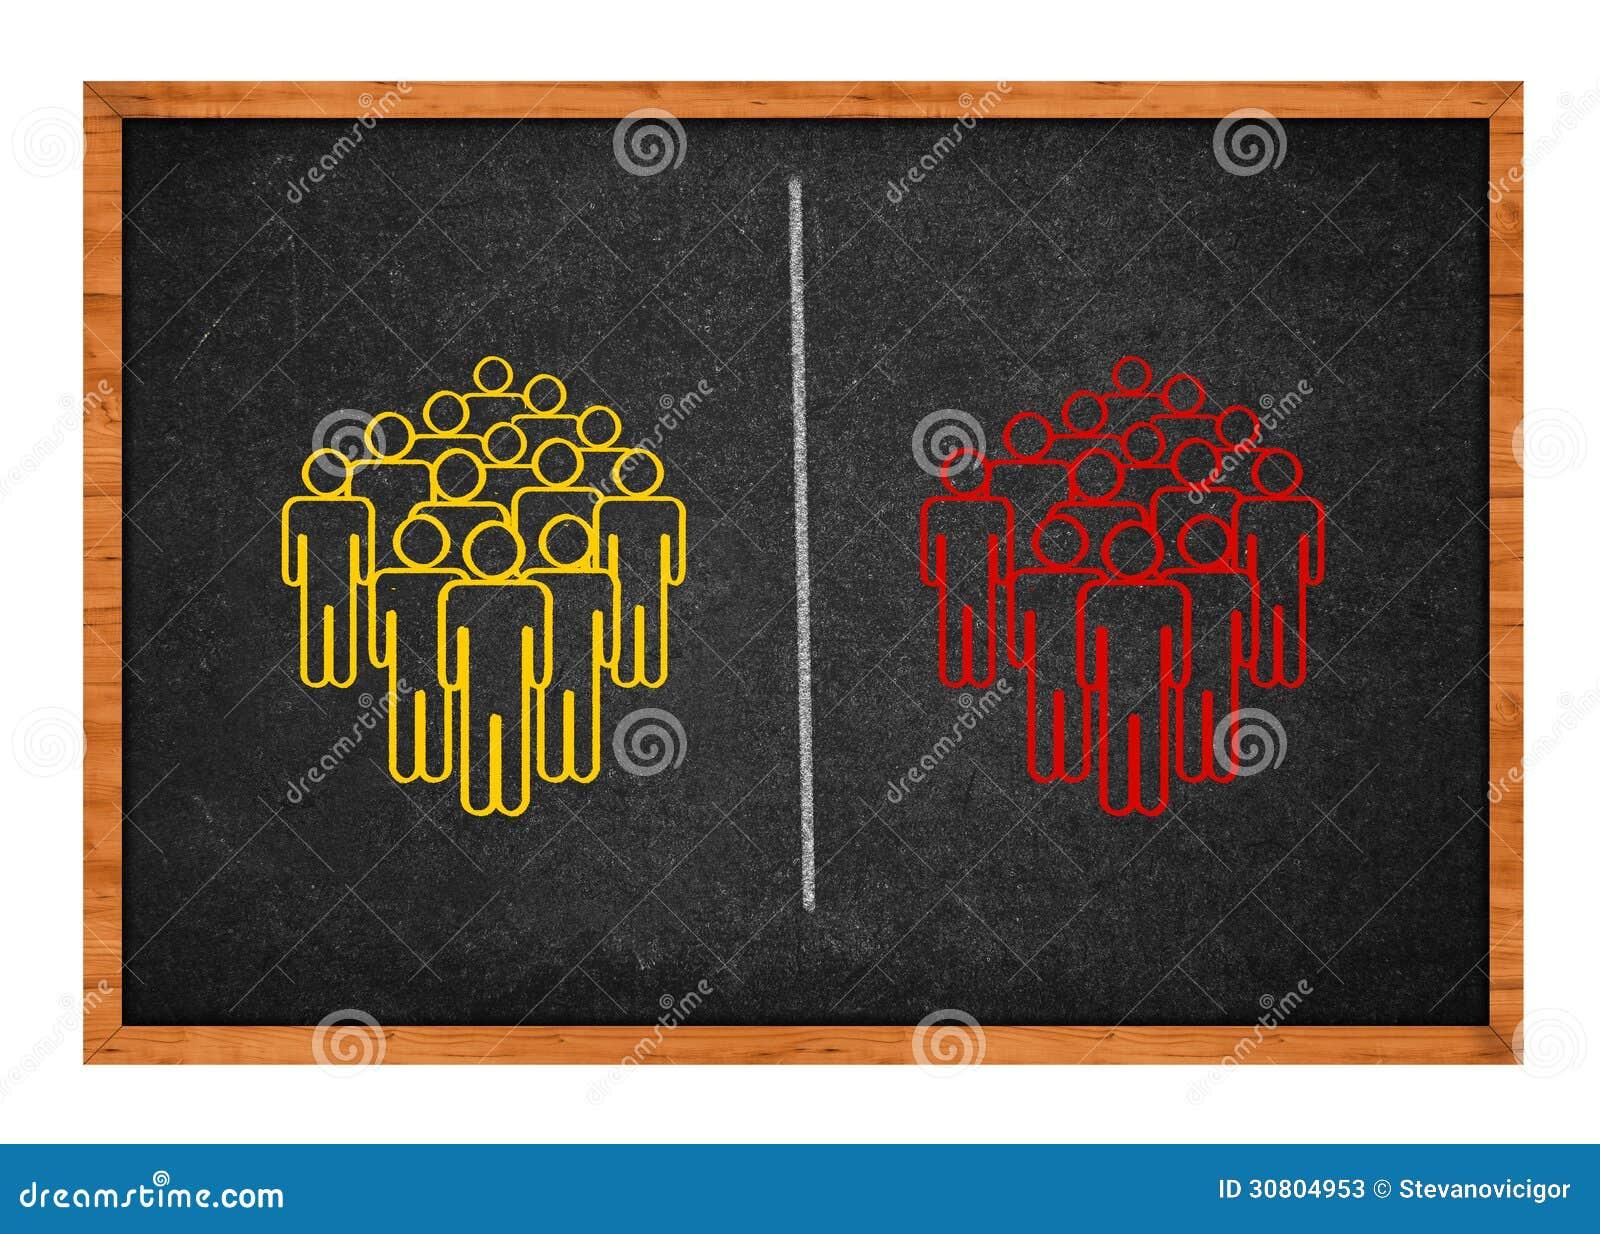 Deux groupes de personnes divisés